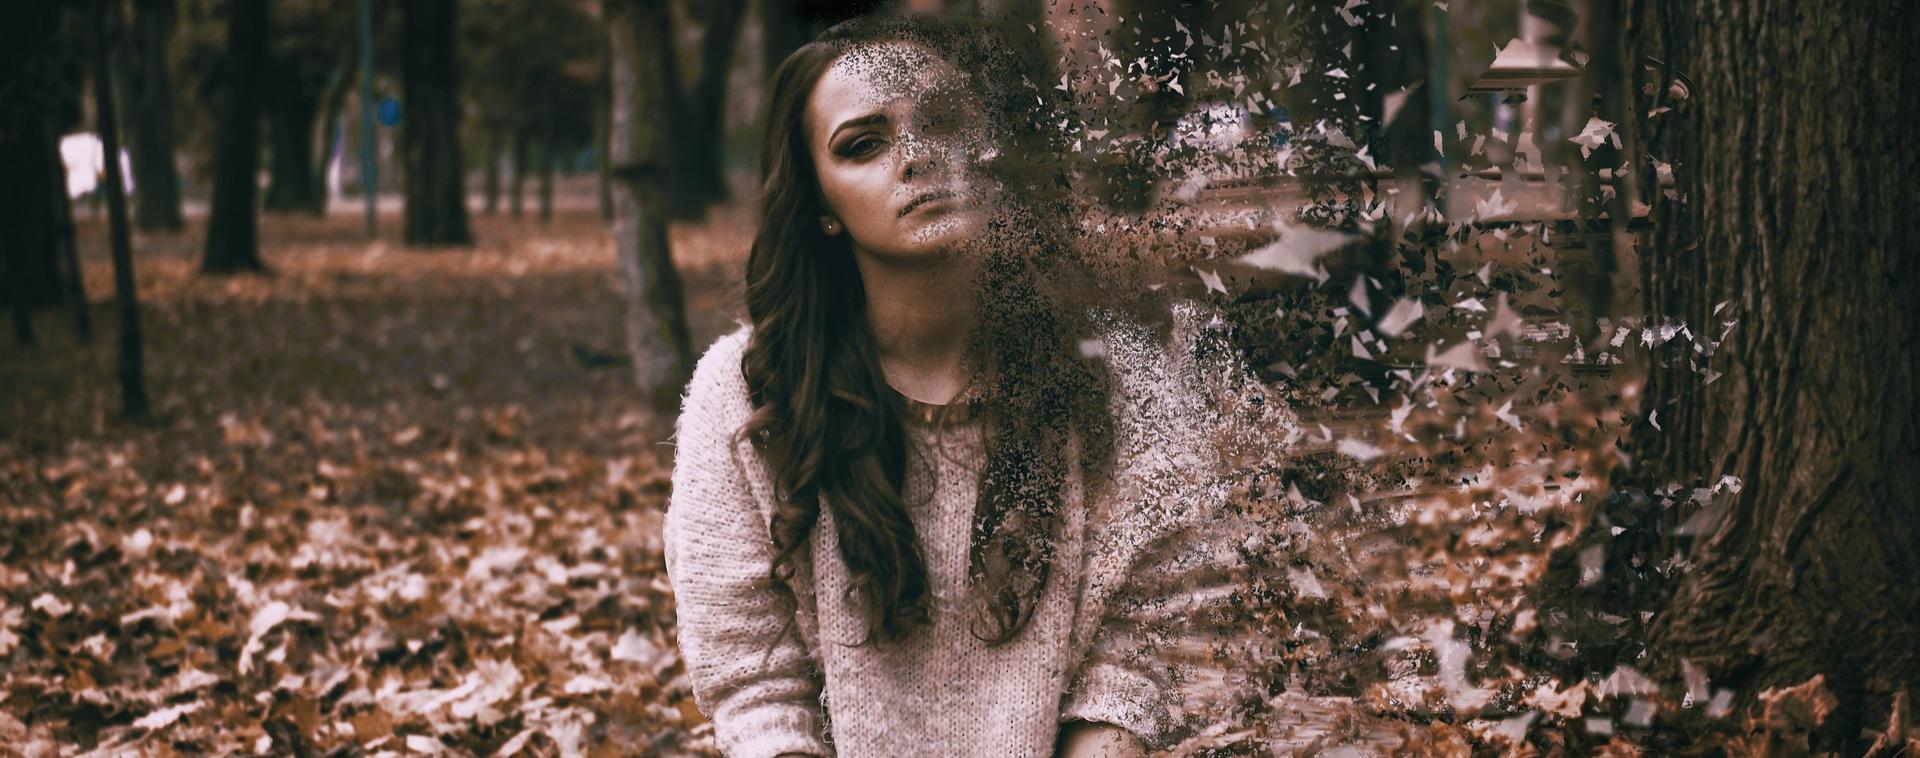 Pourquoi est-il si difficile de faire face à la dépression ?